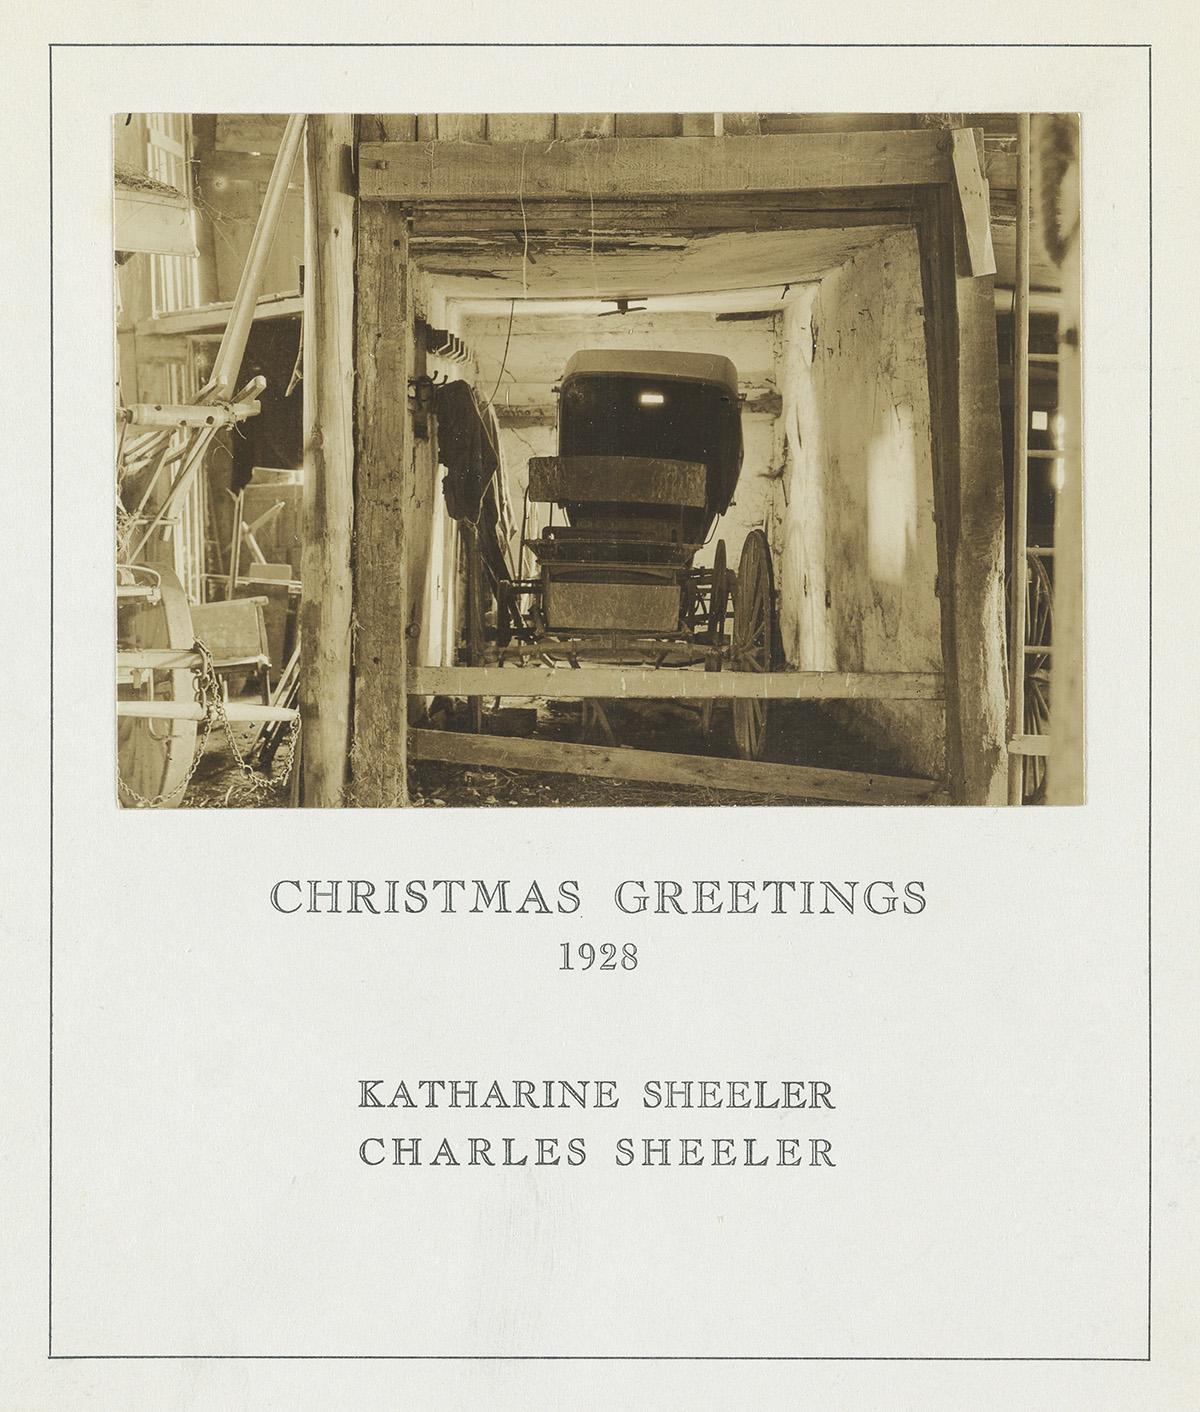 CHARLES SHEELER (1883-1965) Buggy in a Barn, Doylestown, Pennsylvania (Christmas card).